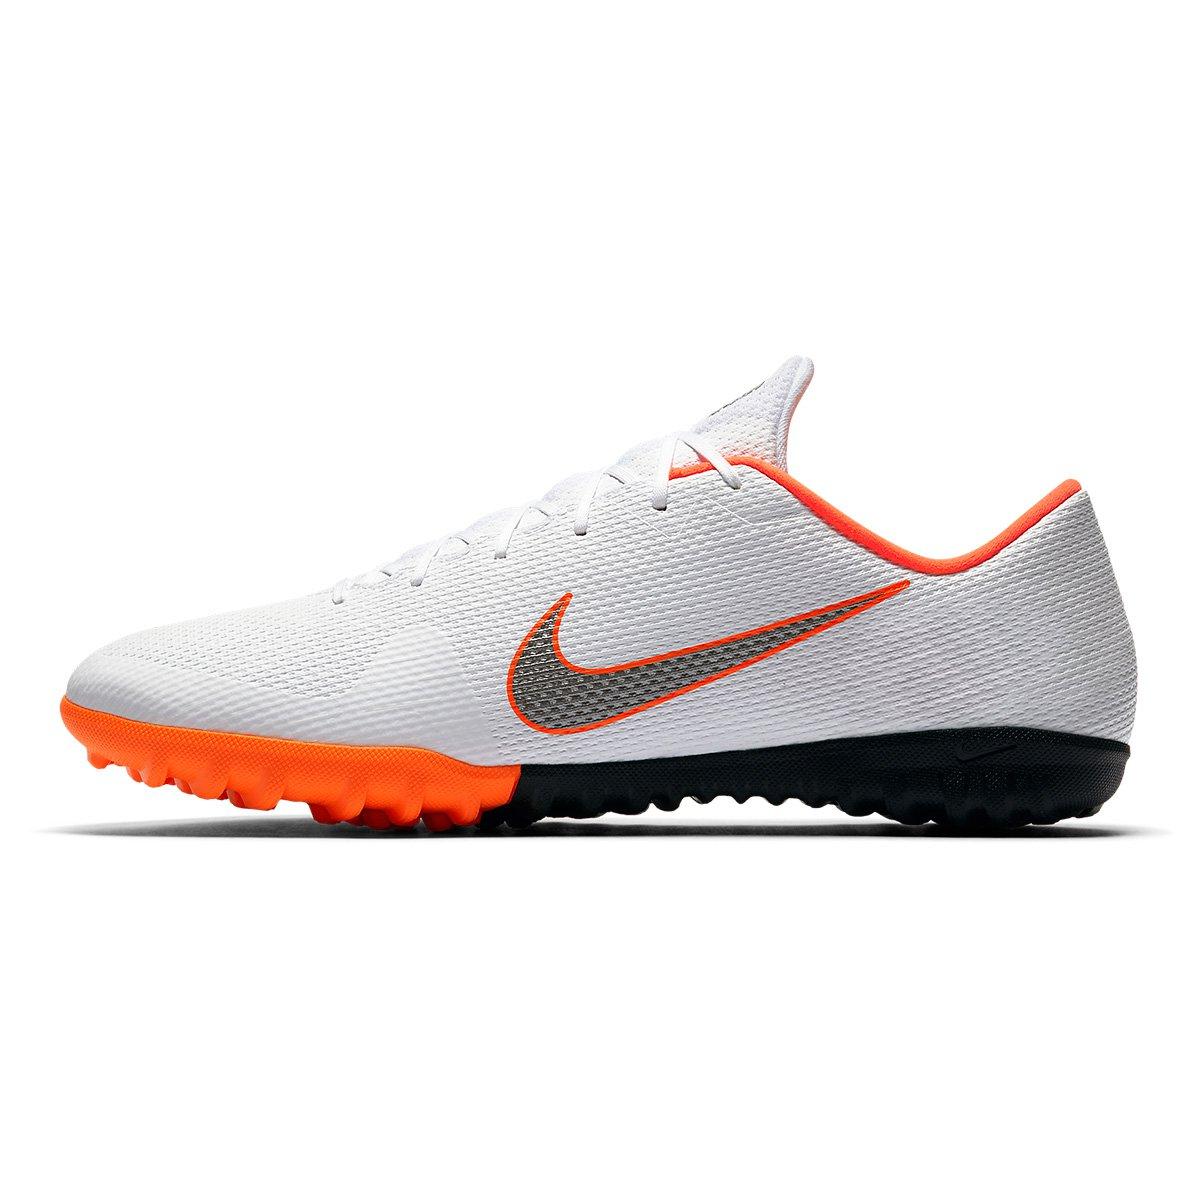 d7a71e2349 Chuteira Society Nike Mercurial Vapor 12 Academy